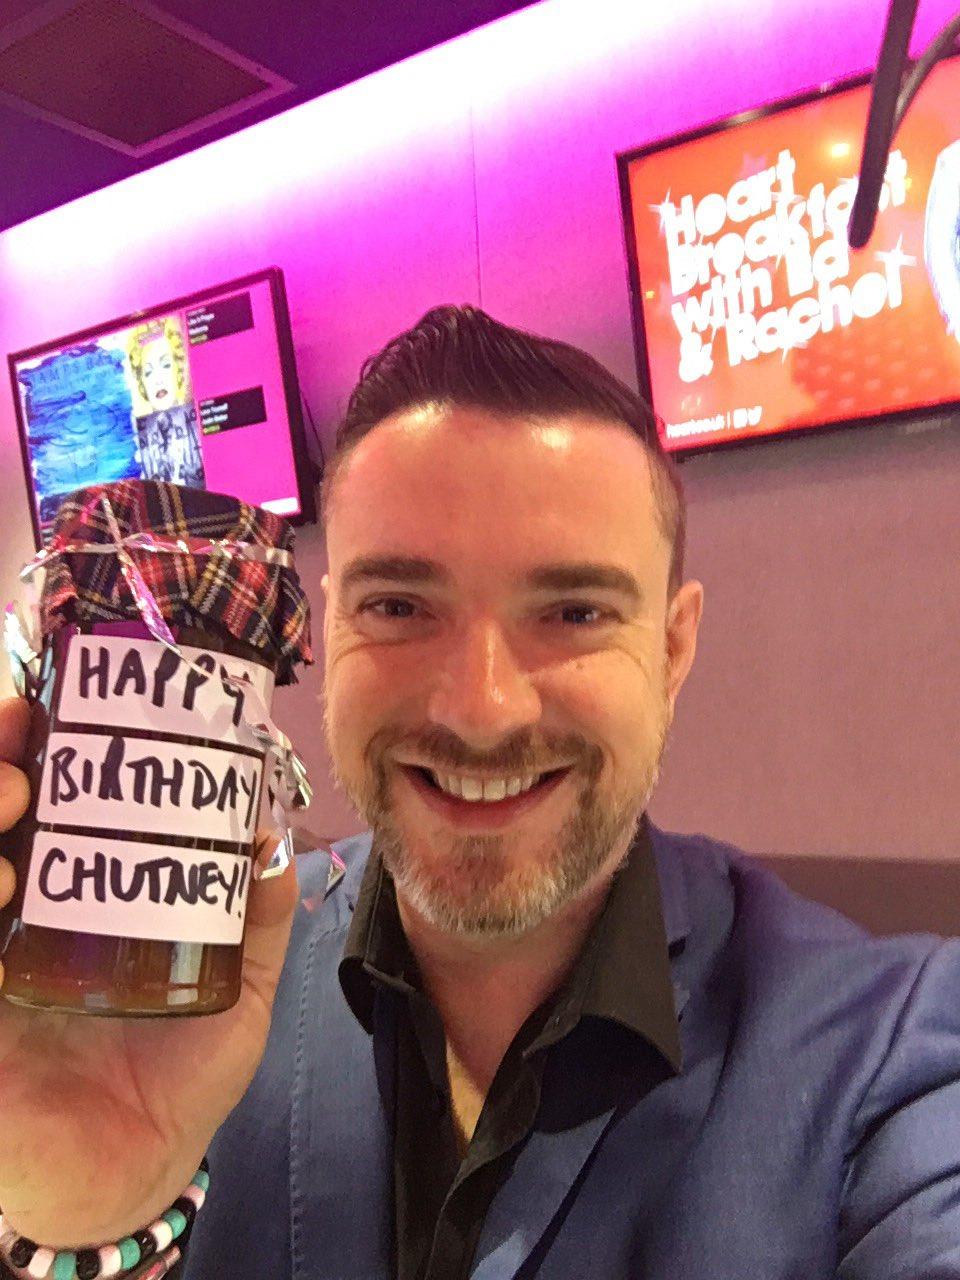 Chutney Birthday